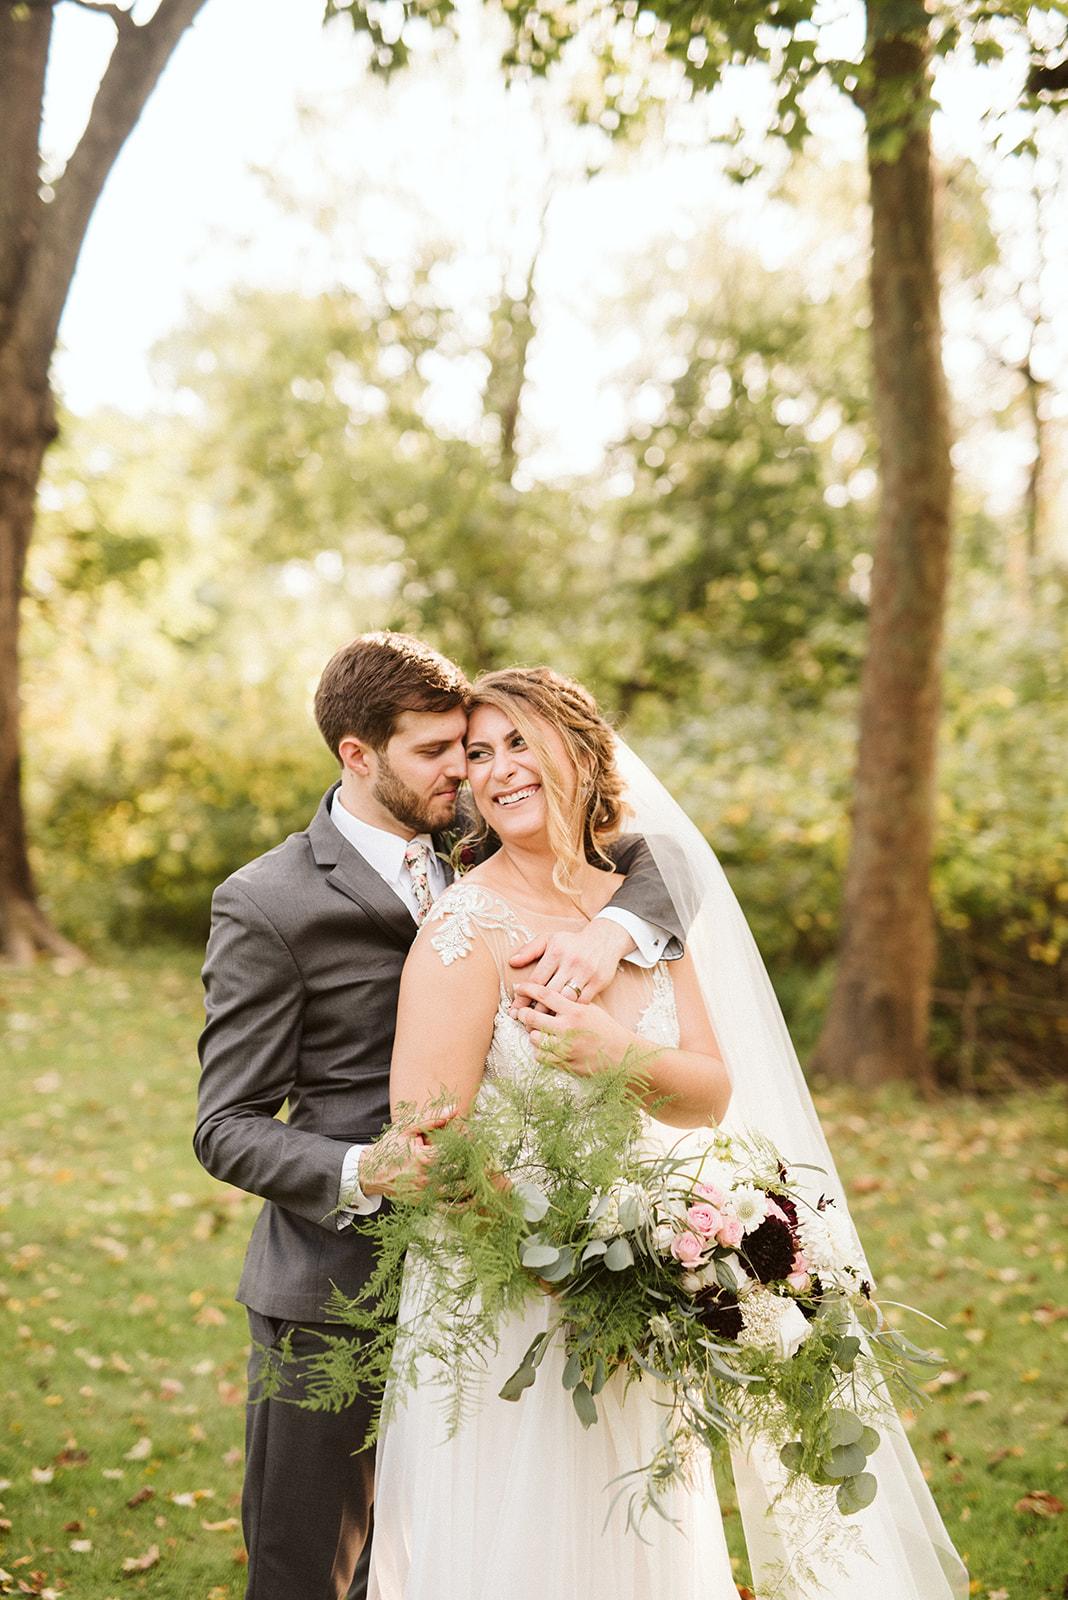 Anthony Wayne House Wedding Photograher